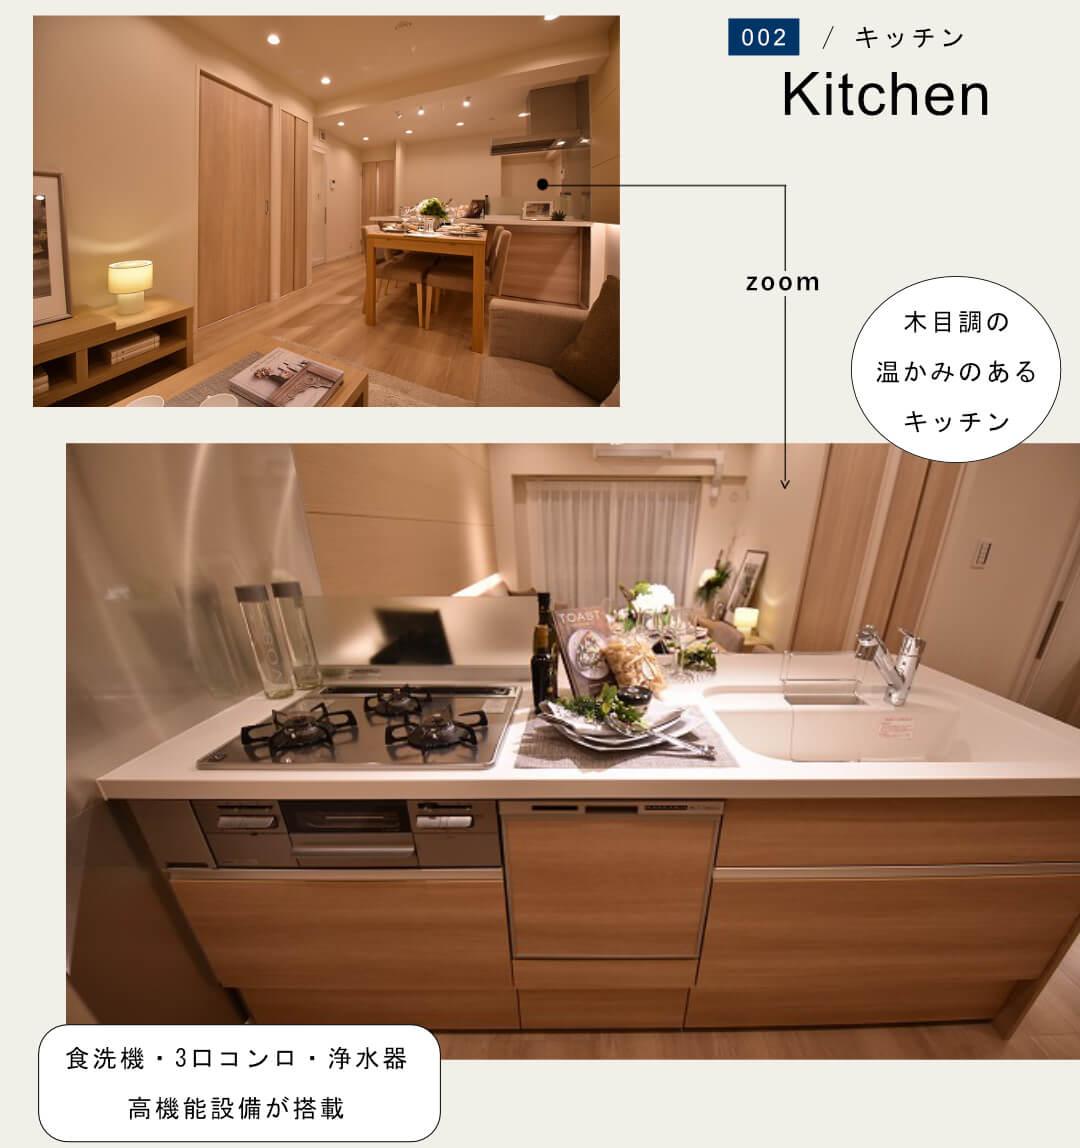 菊川グリーンハイツのキッチン